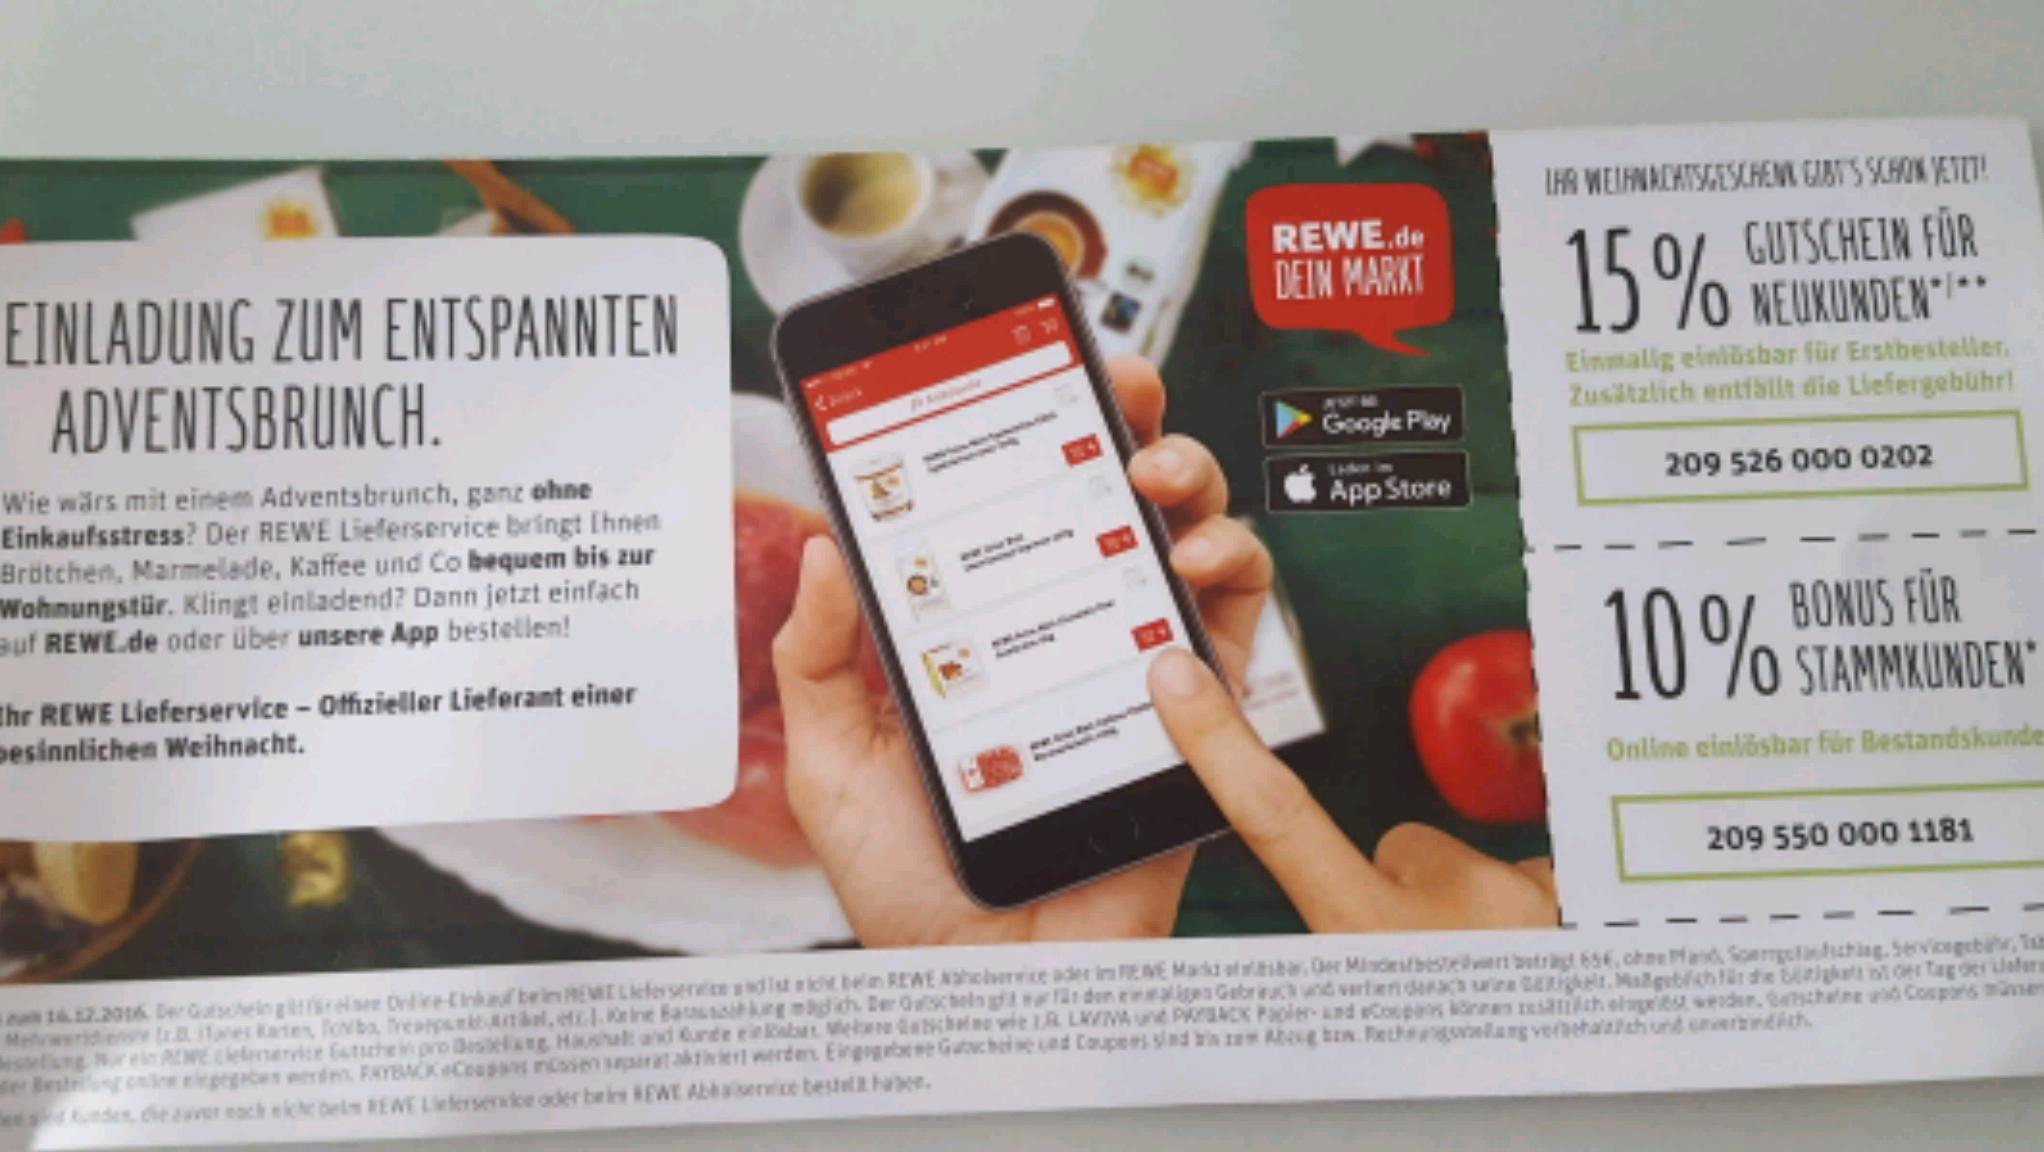 [Rewe.de Lieferservice] 15% Gutschein für Neukunden & 10% Bonus für Stammkunden (MBW 65€)